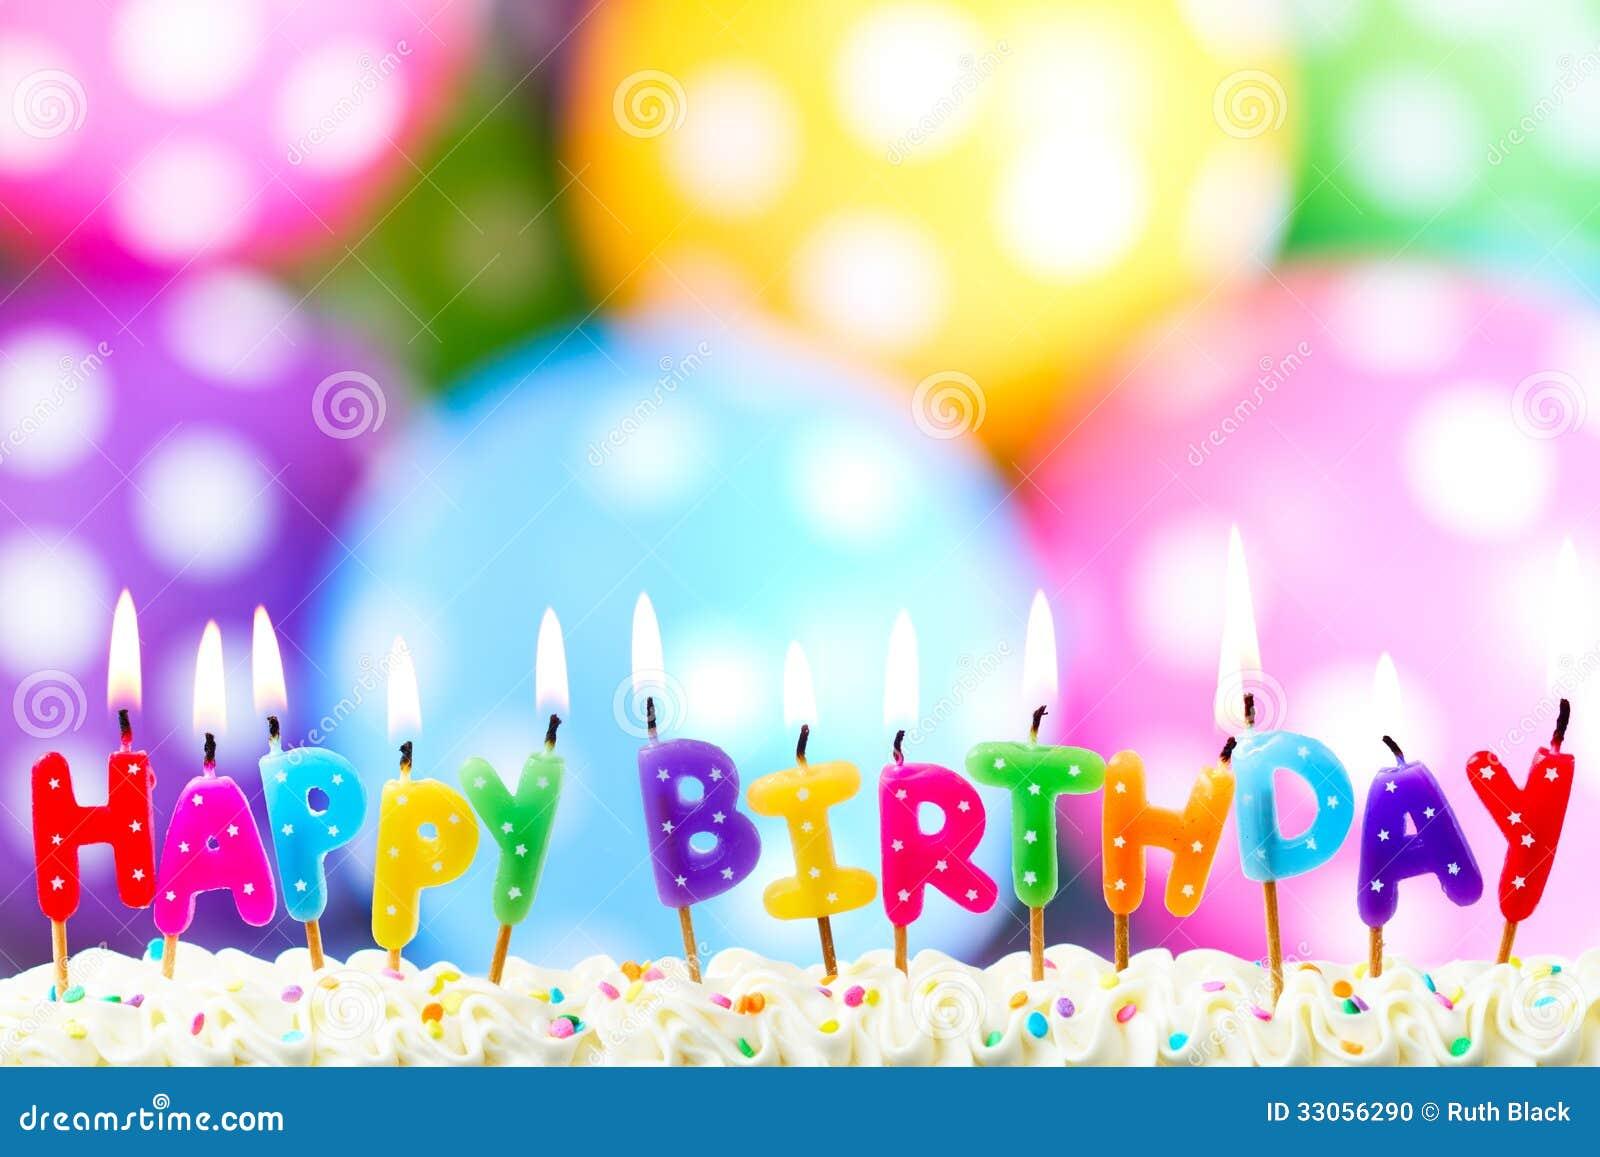 Поздравление вику с днем рождения прикольные